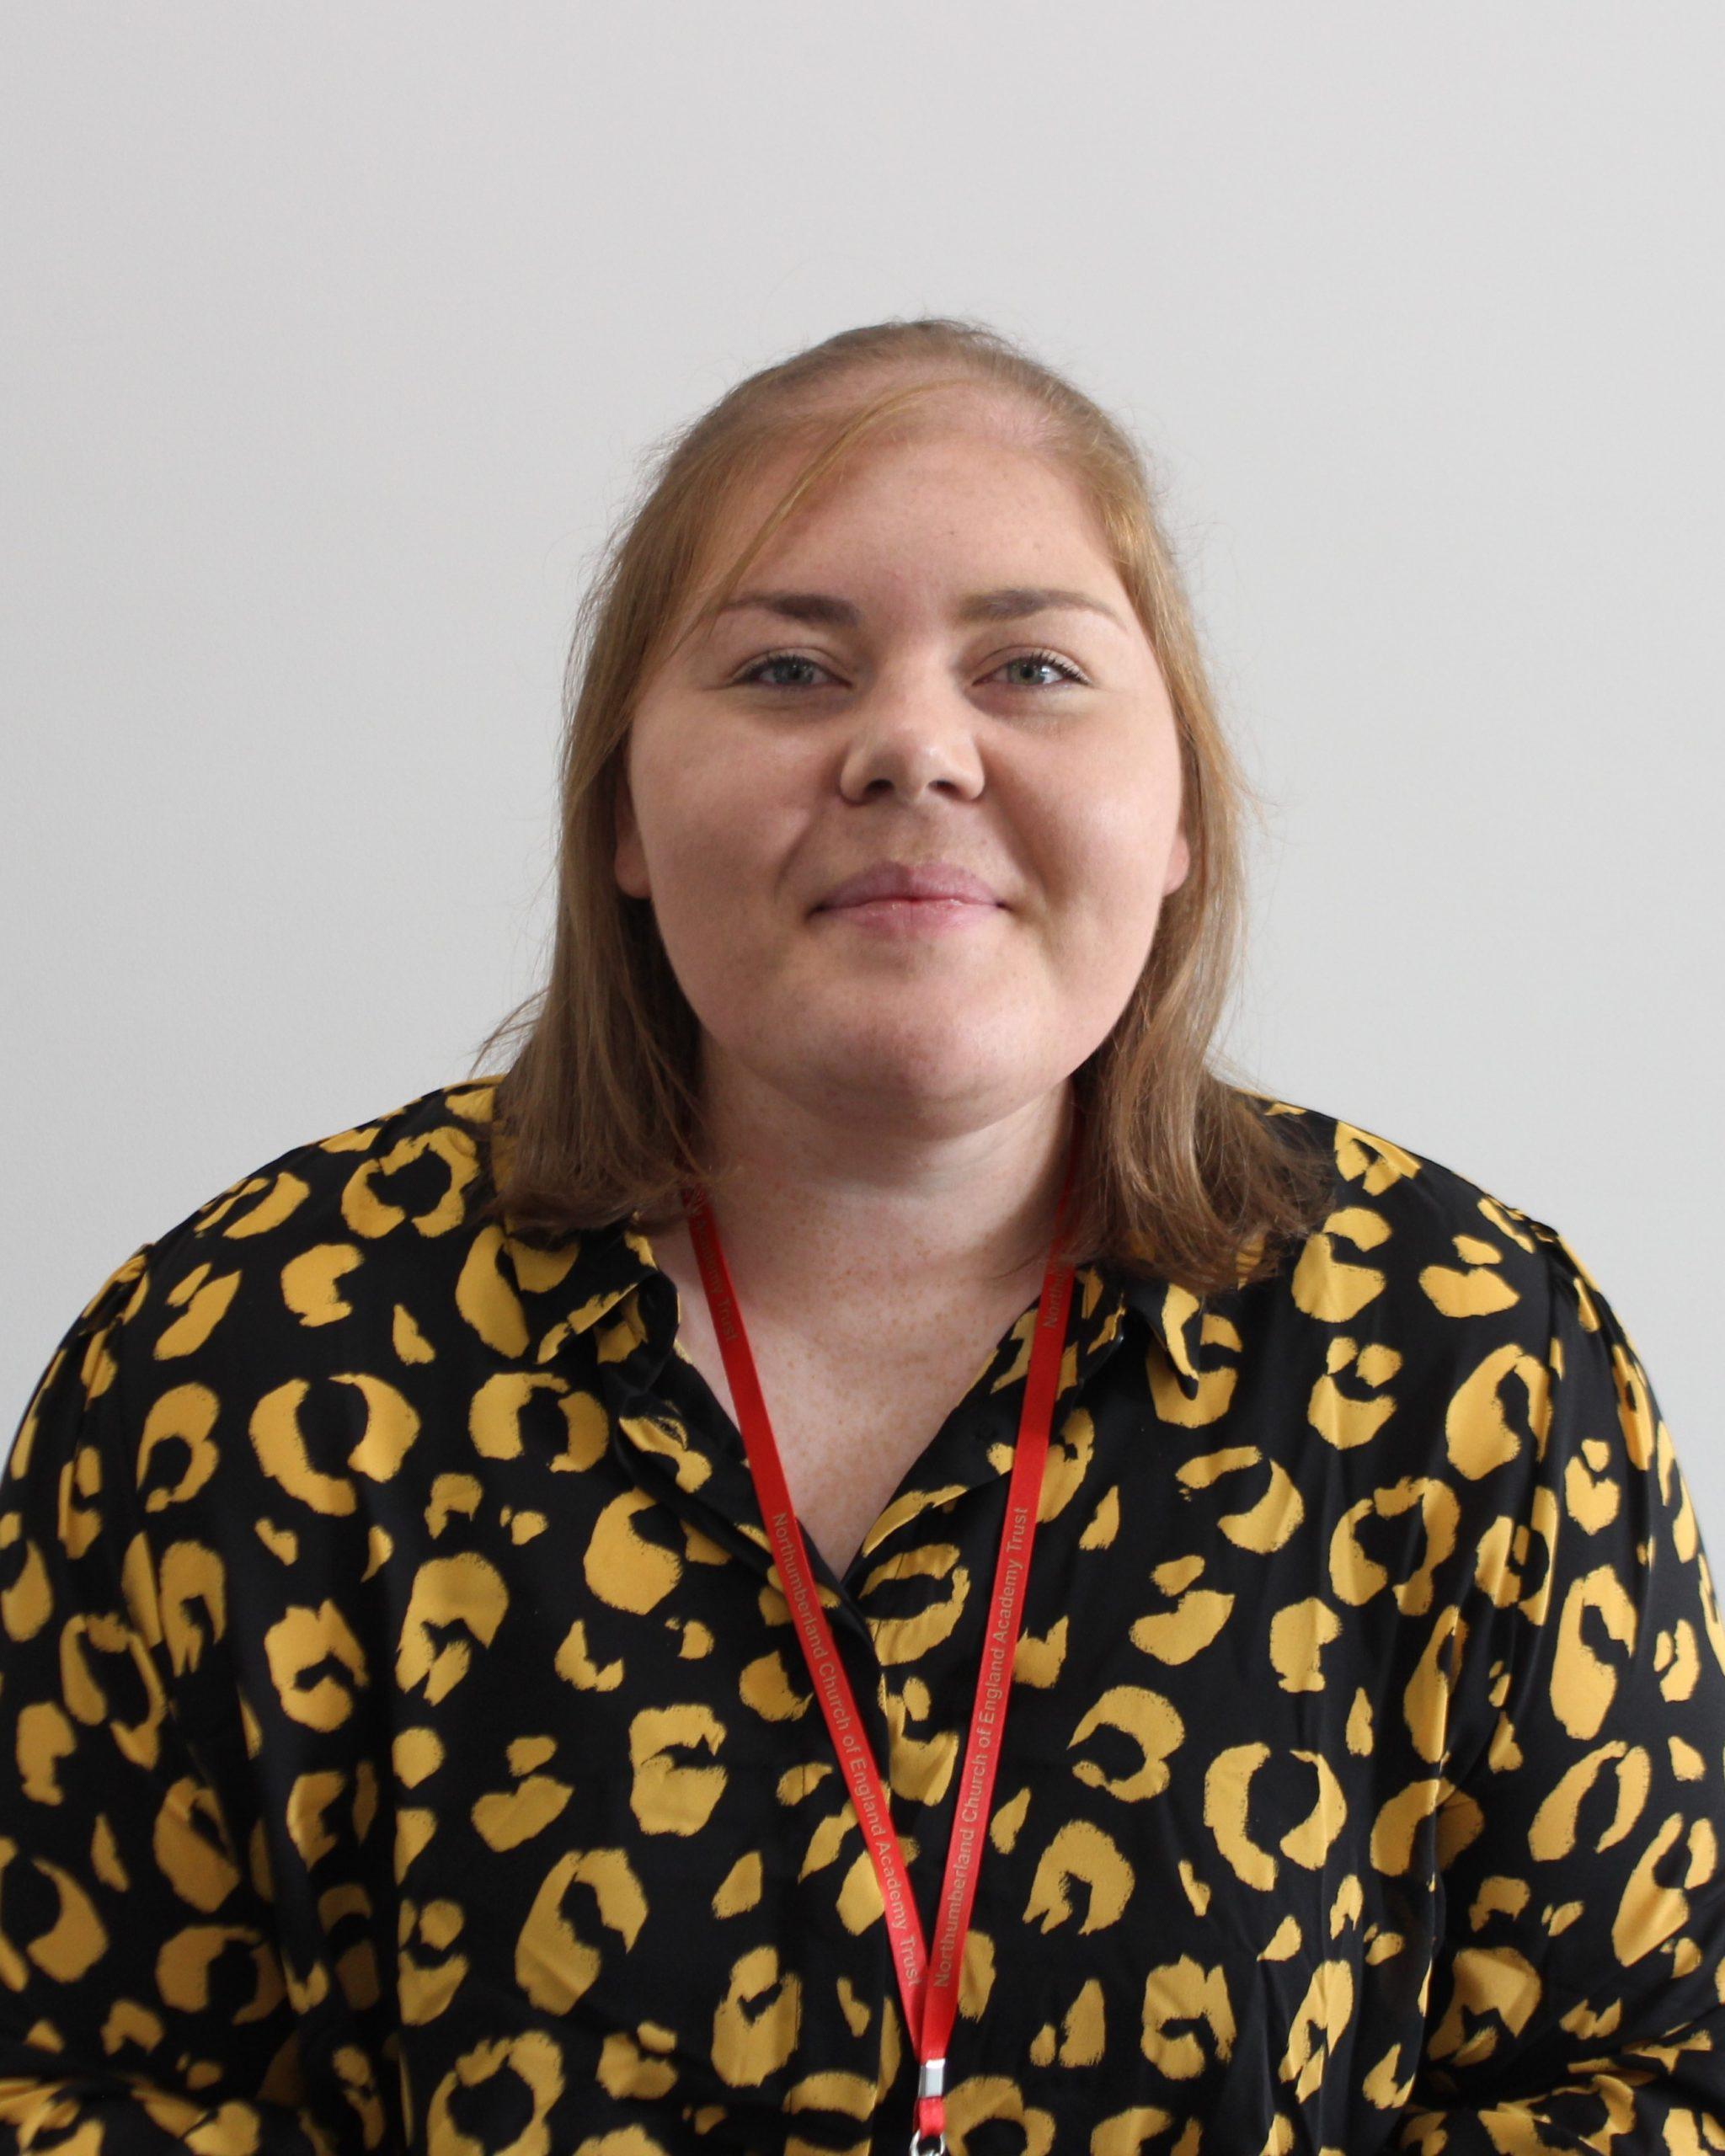 Kate Jackson : Teacher